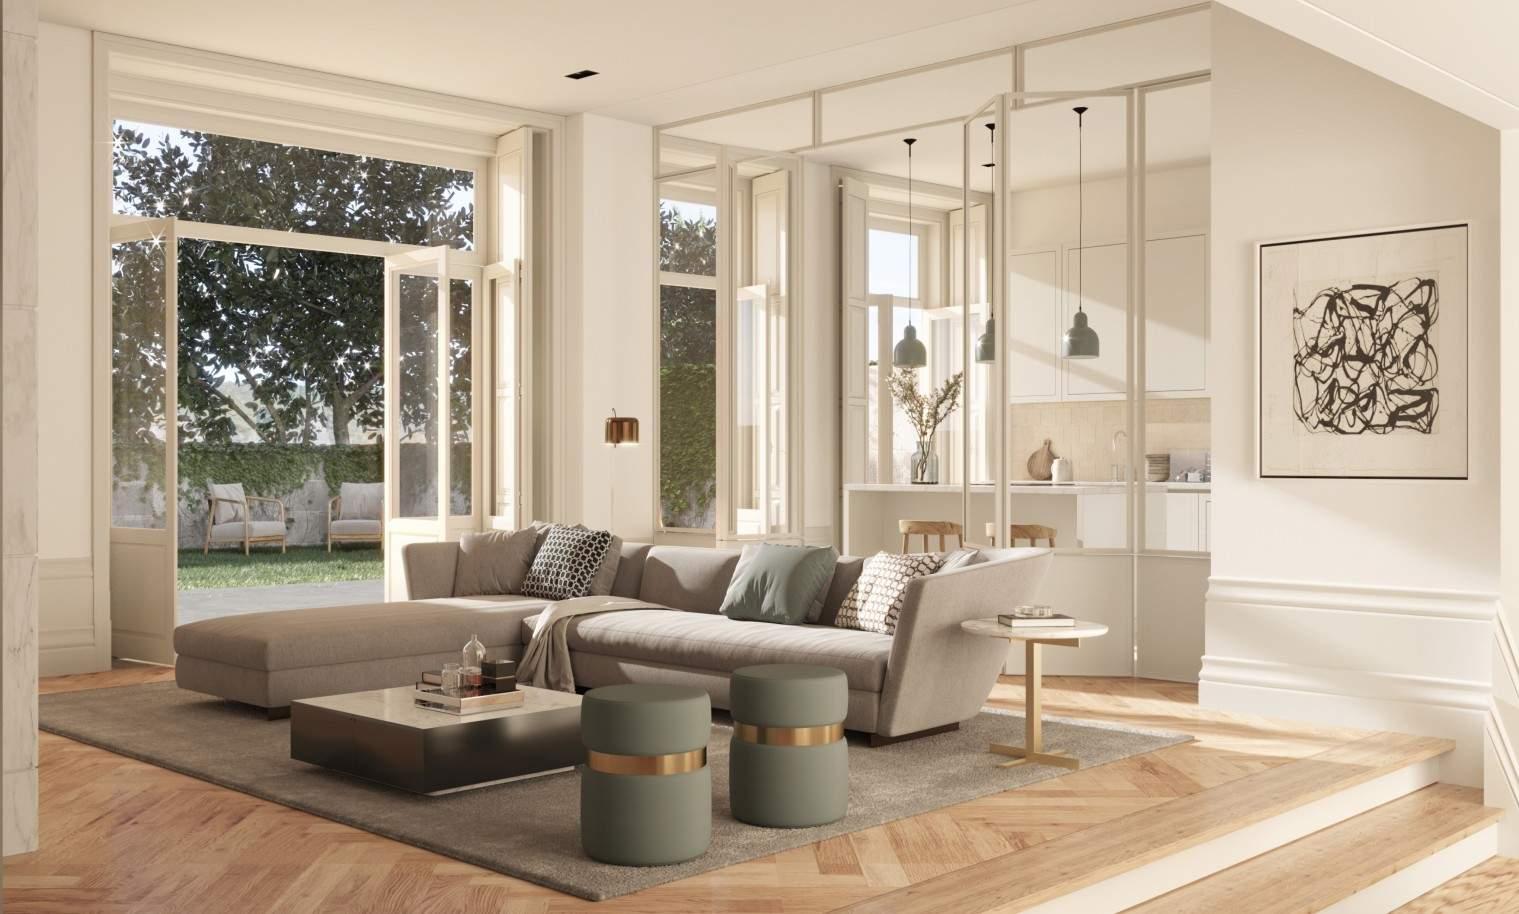 venda-apartamento-duplex-novo-empreendimento-alto-padraoportoportugal